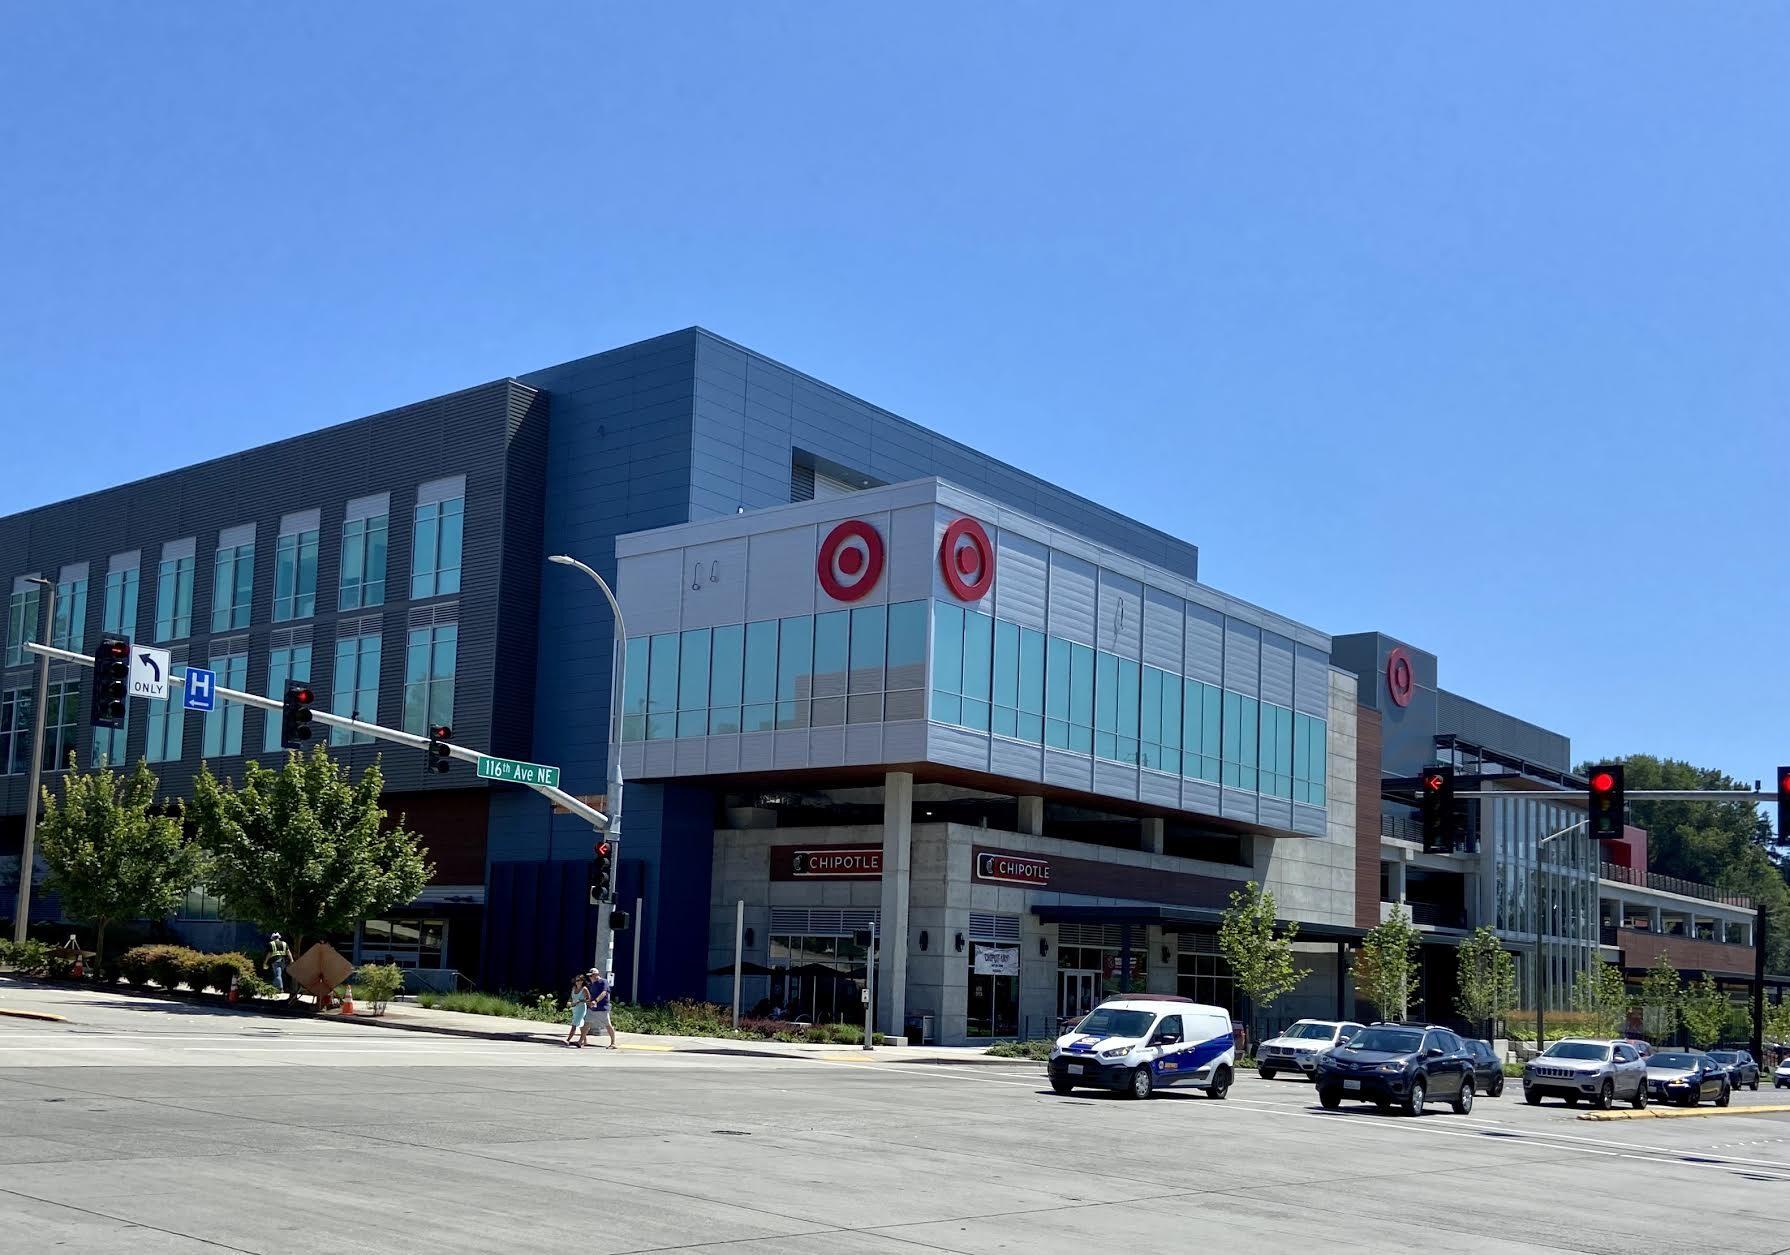 Wilburton Village Shopping Center